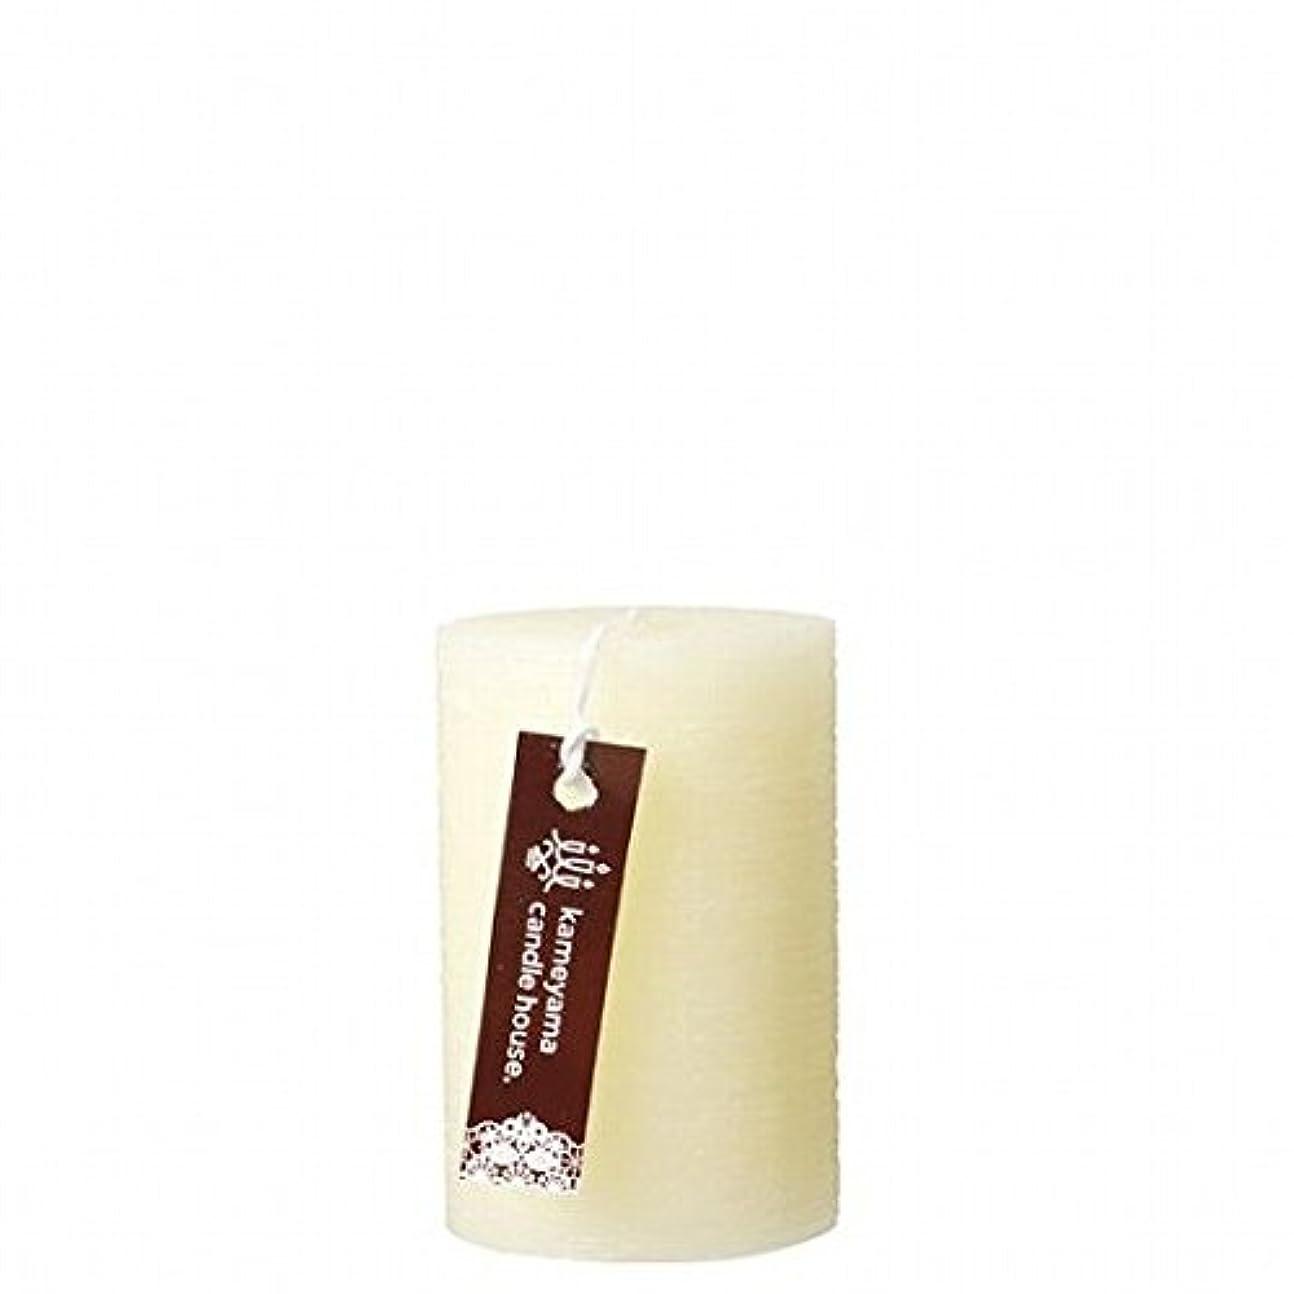 ミルカセットとティームkameyama candle(カメヤマキャンドル) ブラッシュピラー2×3 「 アイボリー 」(A8310000IV)